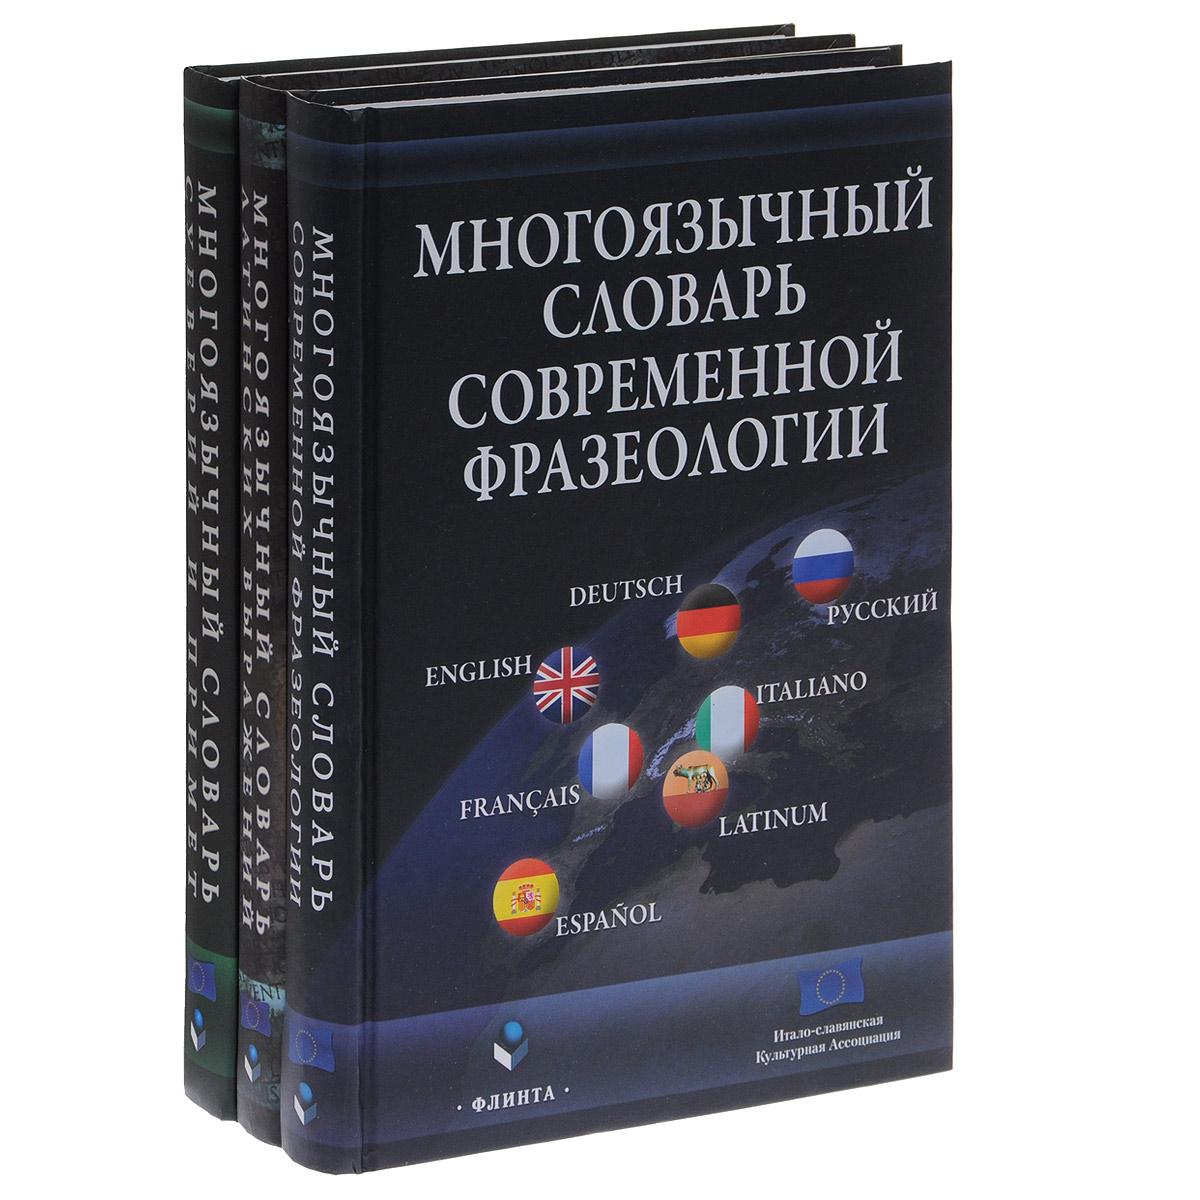 Многоязычный словарь (комплект из 3 книг) последние дни российской империи комплект из 3 книг